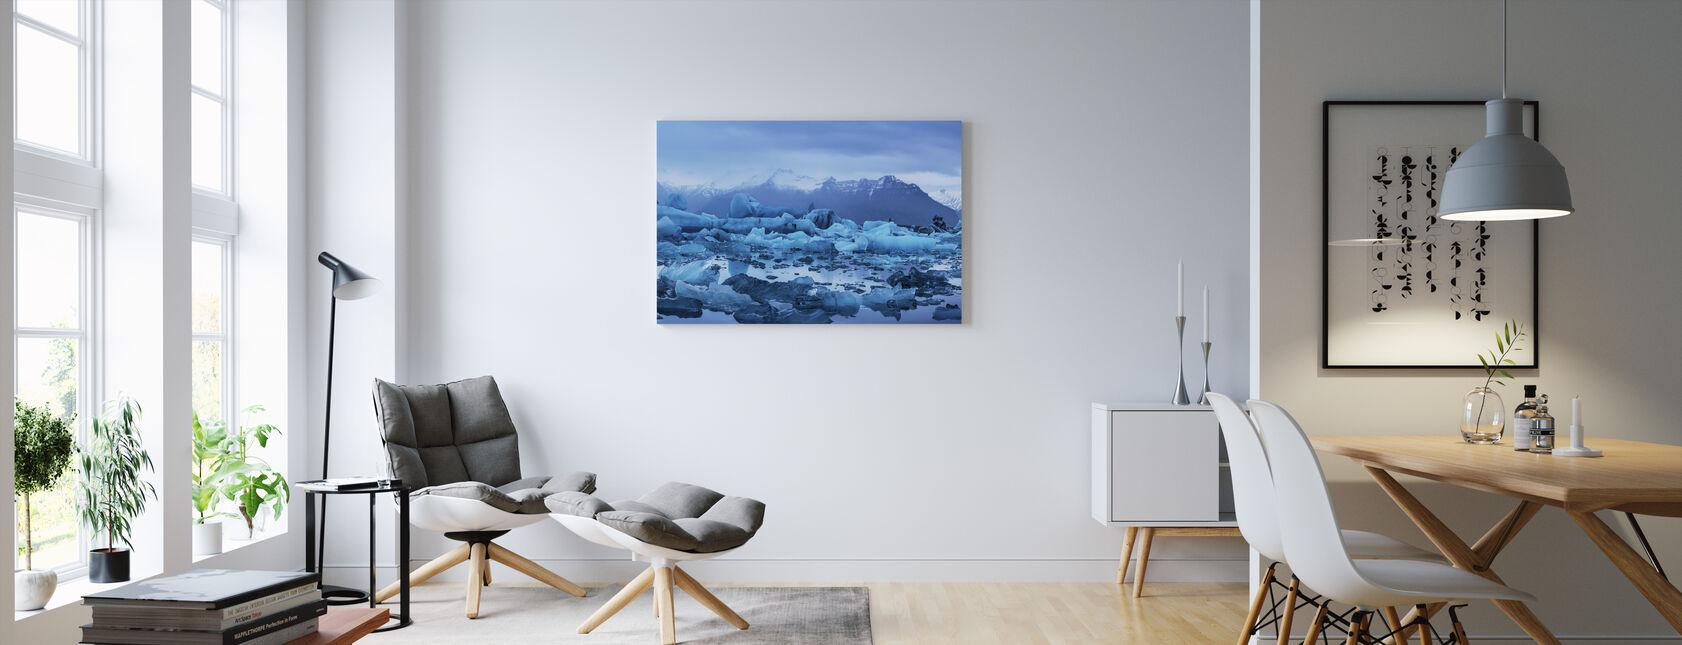 Licht Islands - Leinwandbild - Wohnzimmer